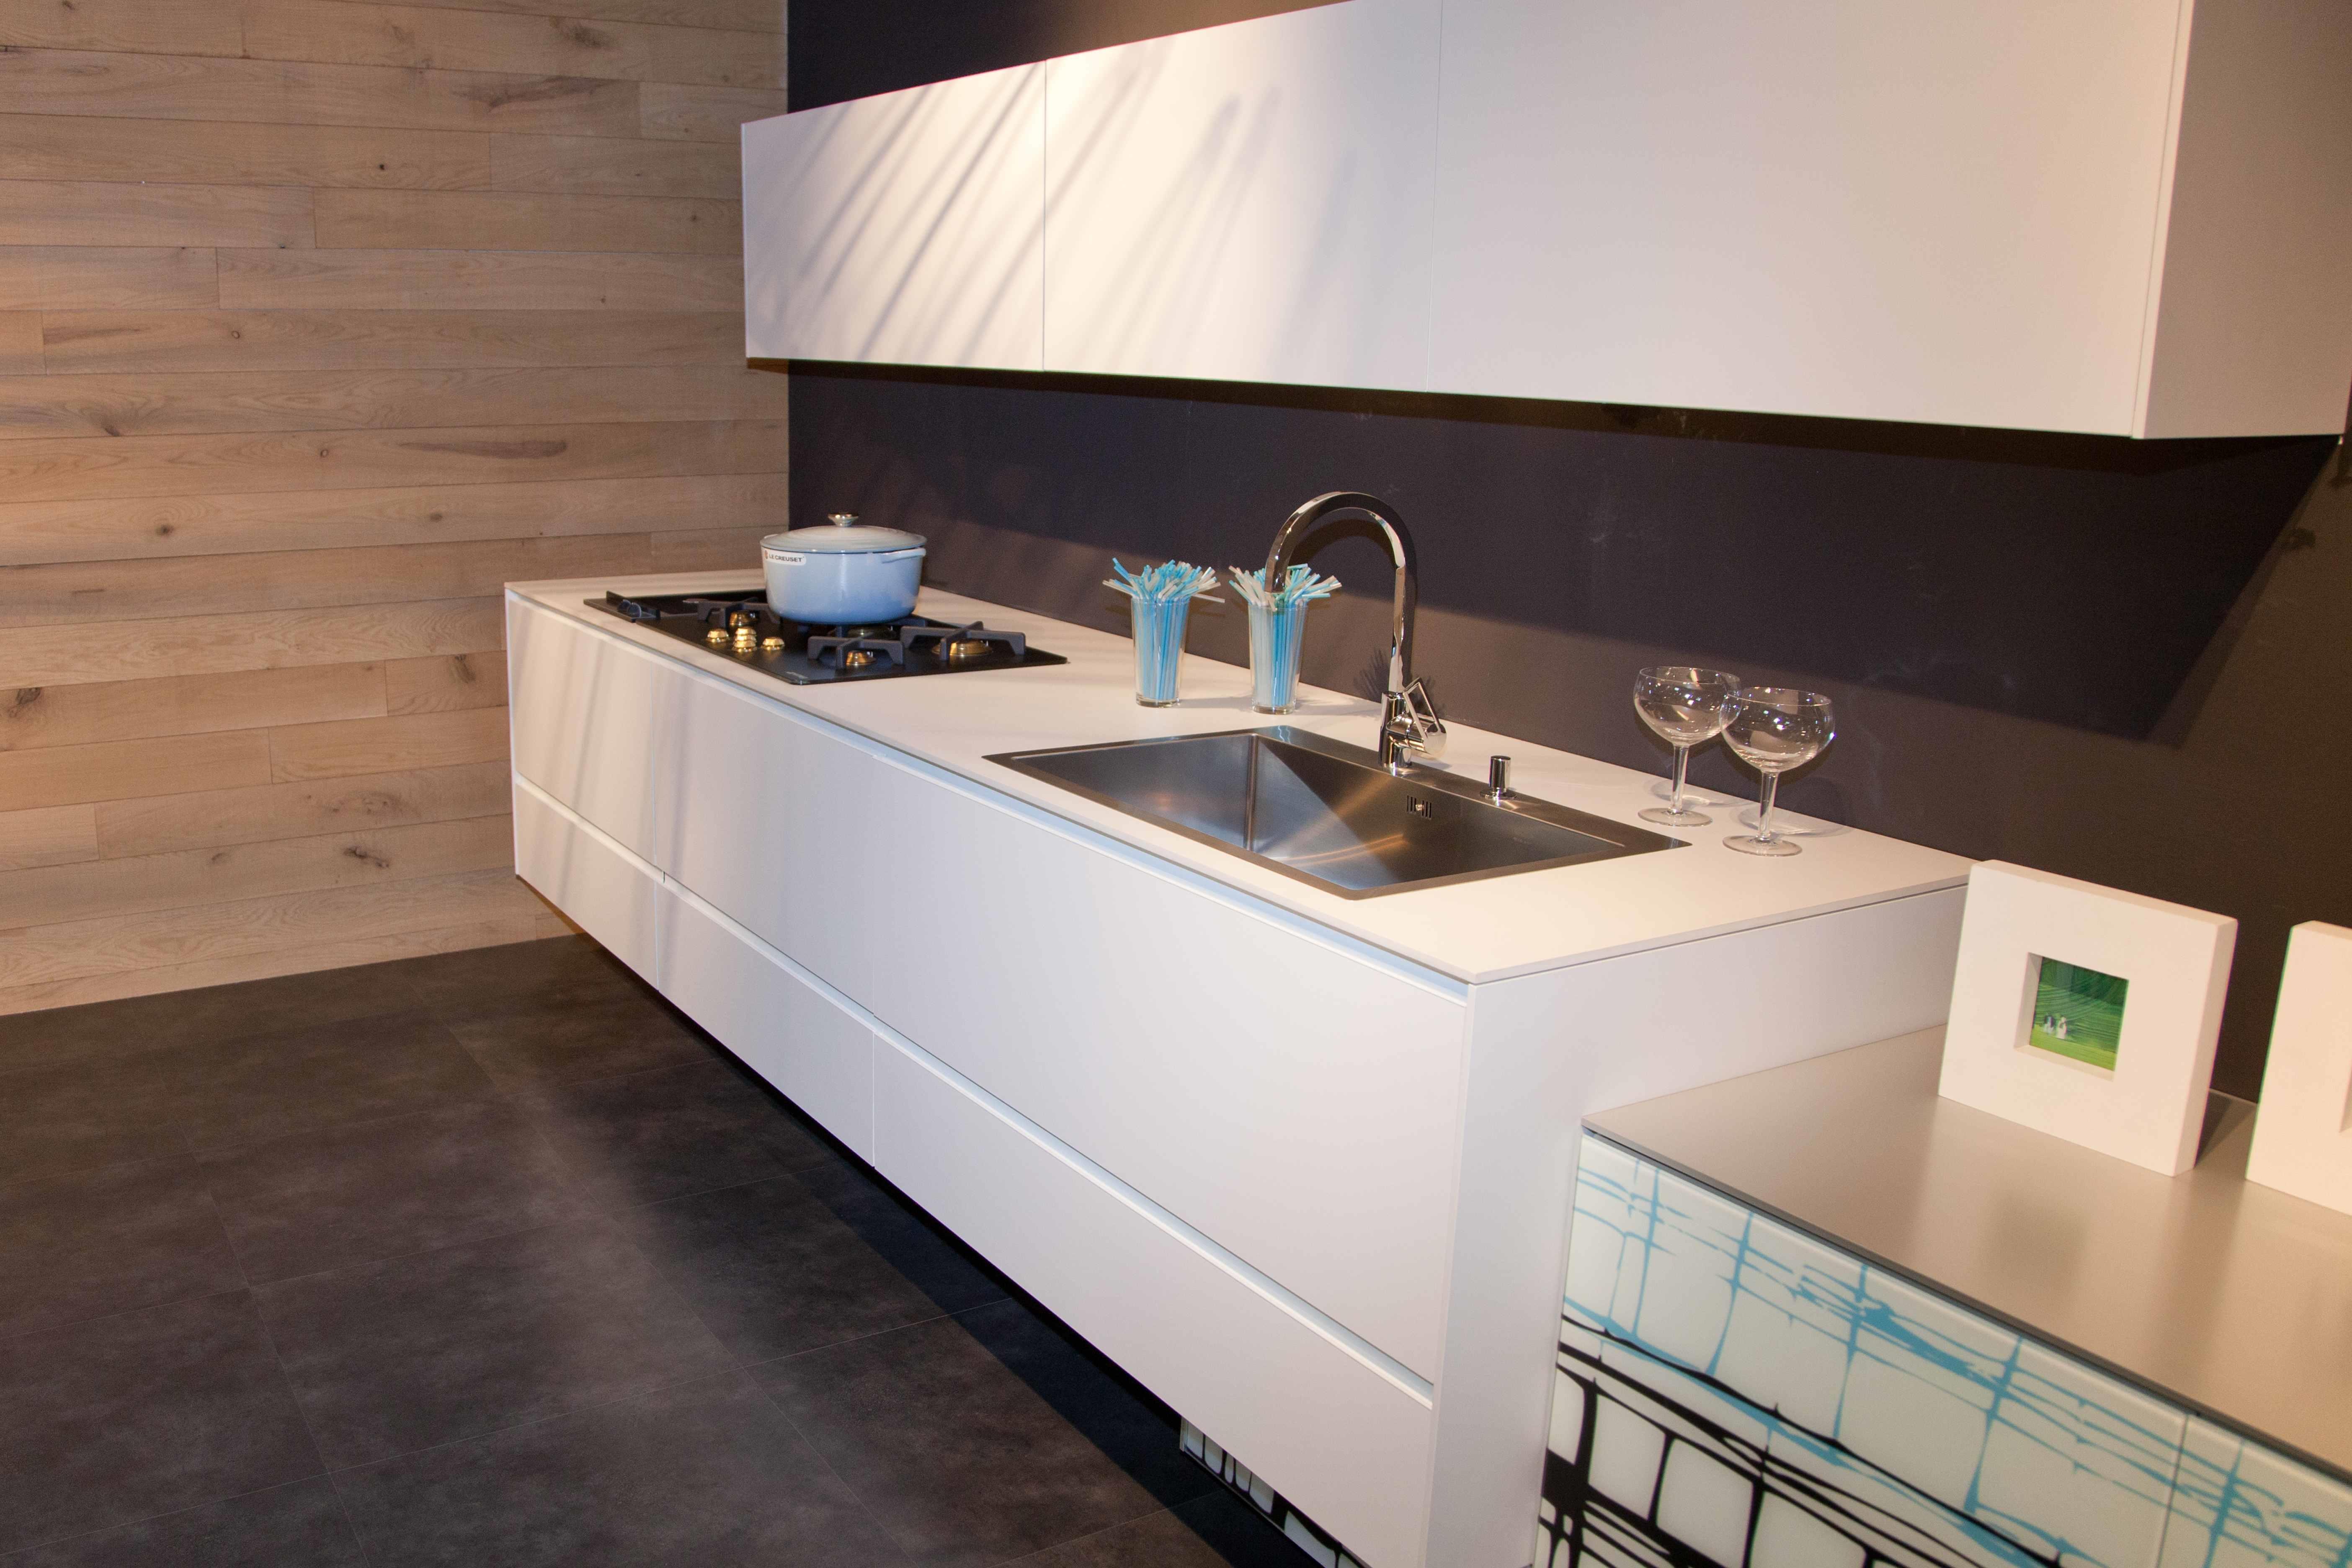 Valcucine cucina riciclantica laminato full color grigio e - Laminato in cucina ...